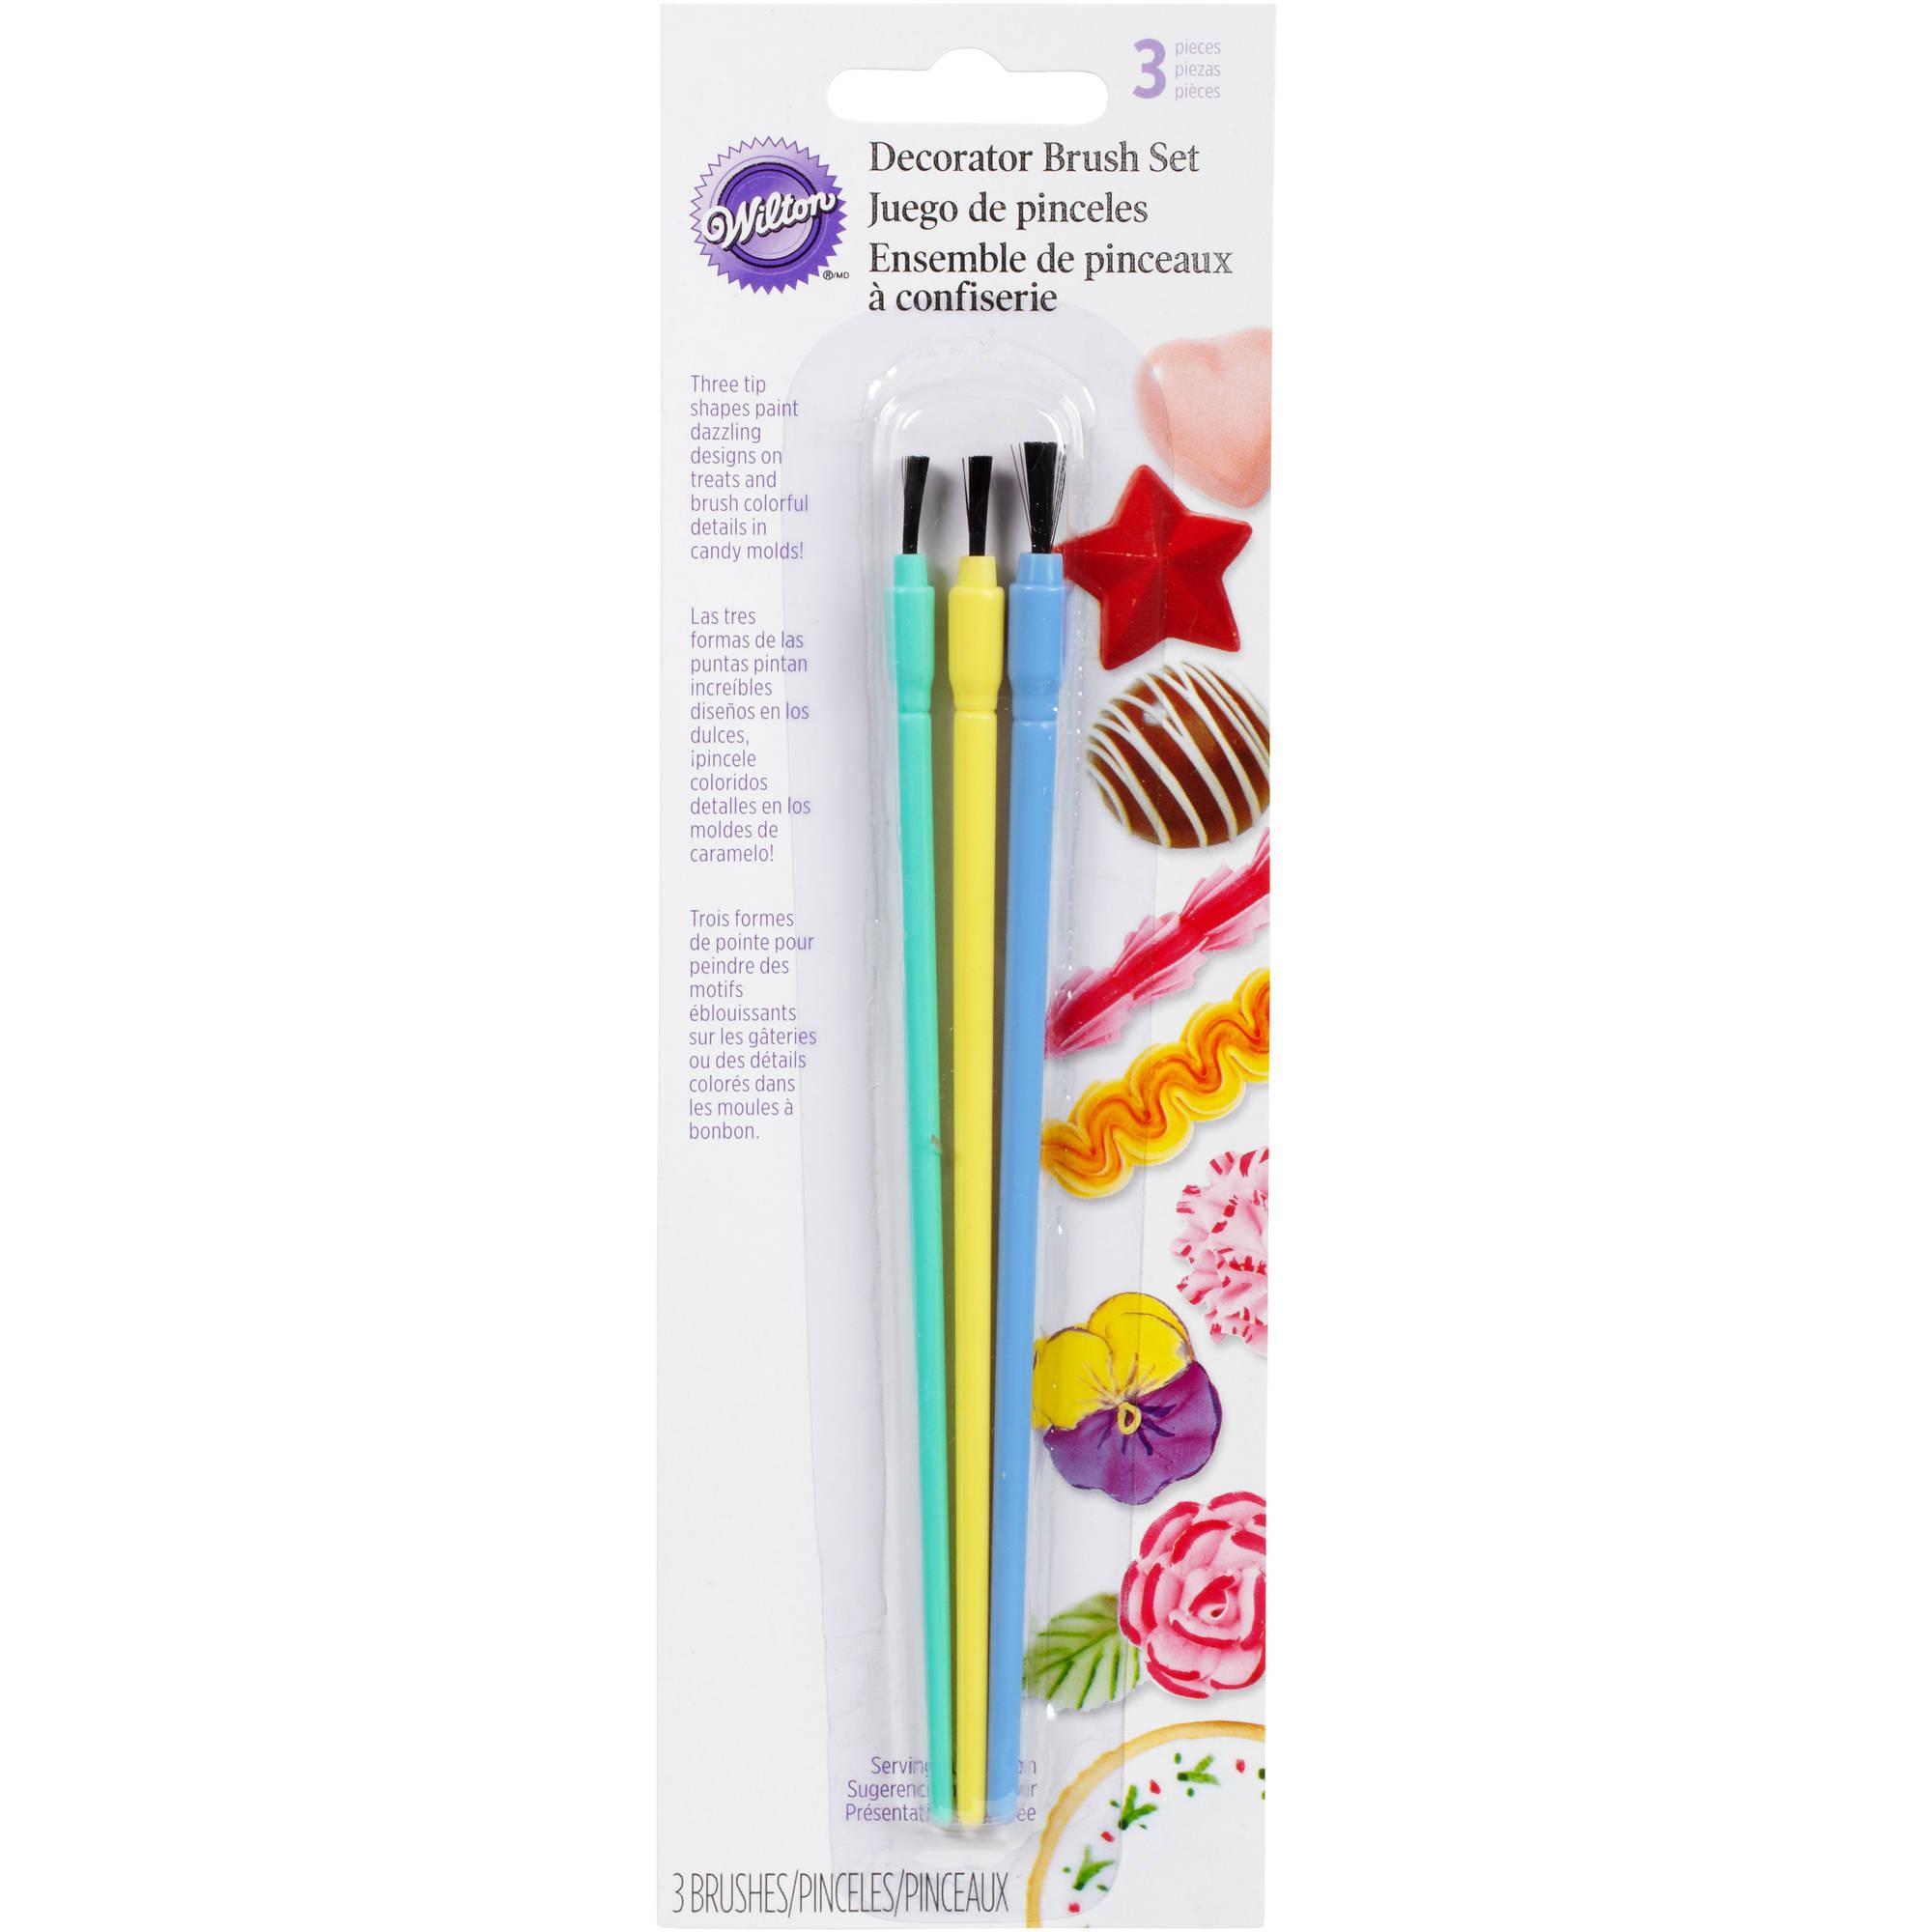 Wilton Decorating Tools Decorator Brush Set, 3 ct. 2104-9355